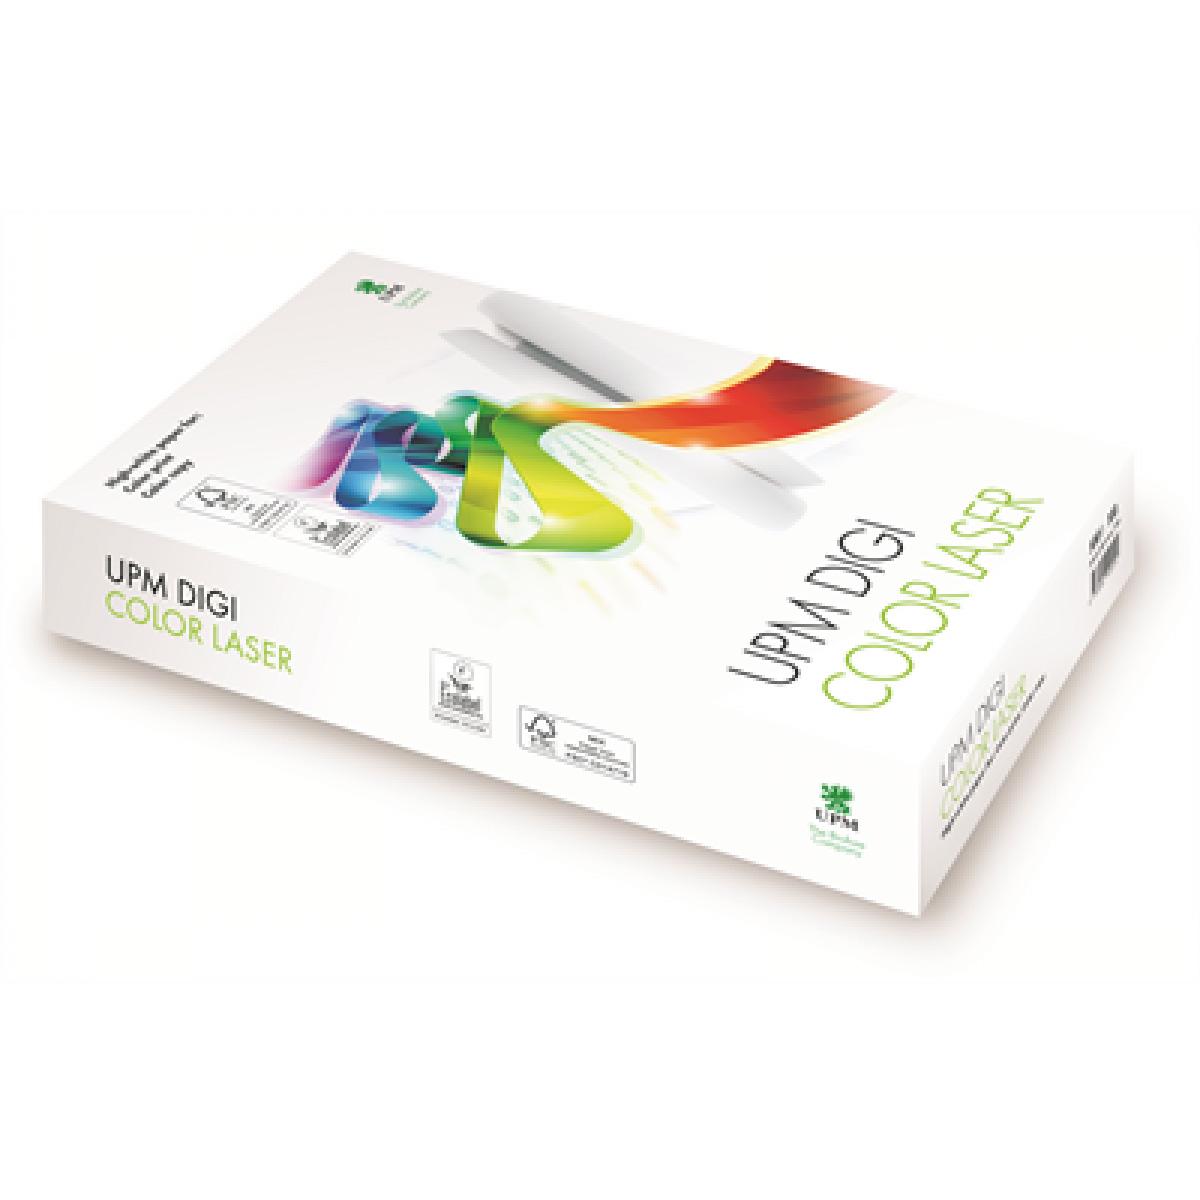 Бумага Digi Color Laser A3 100гр./м2., 500листов UPM - фото 1